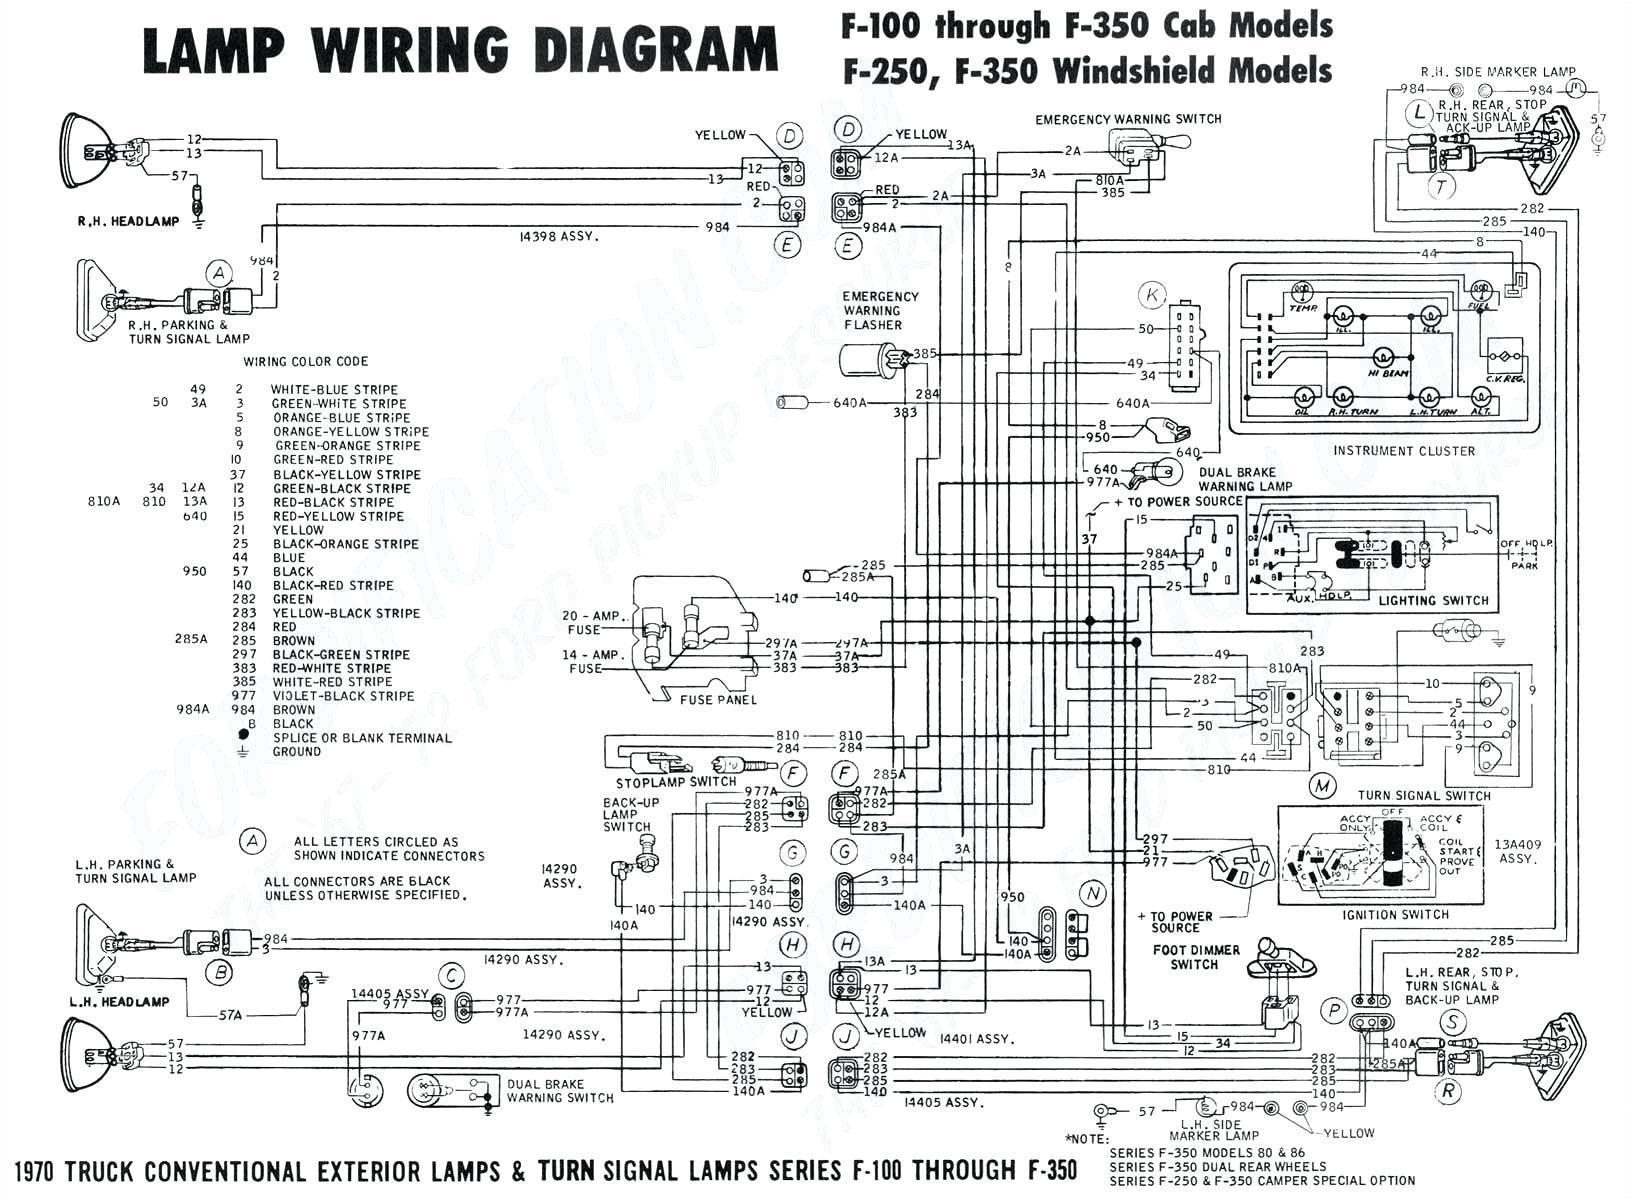 2003 mitsubishi outlander repair manual diagram 2003 get free image 2003 mitsubishi outlander repair manual diagram 2003 get free image